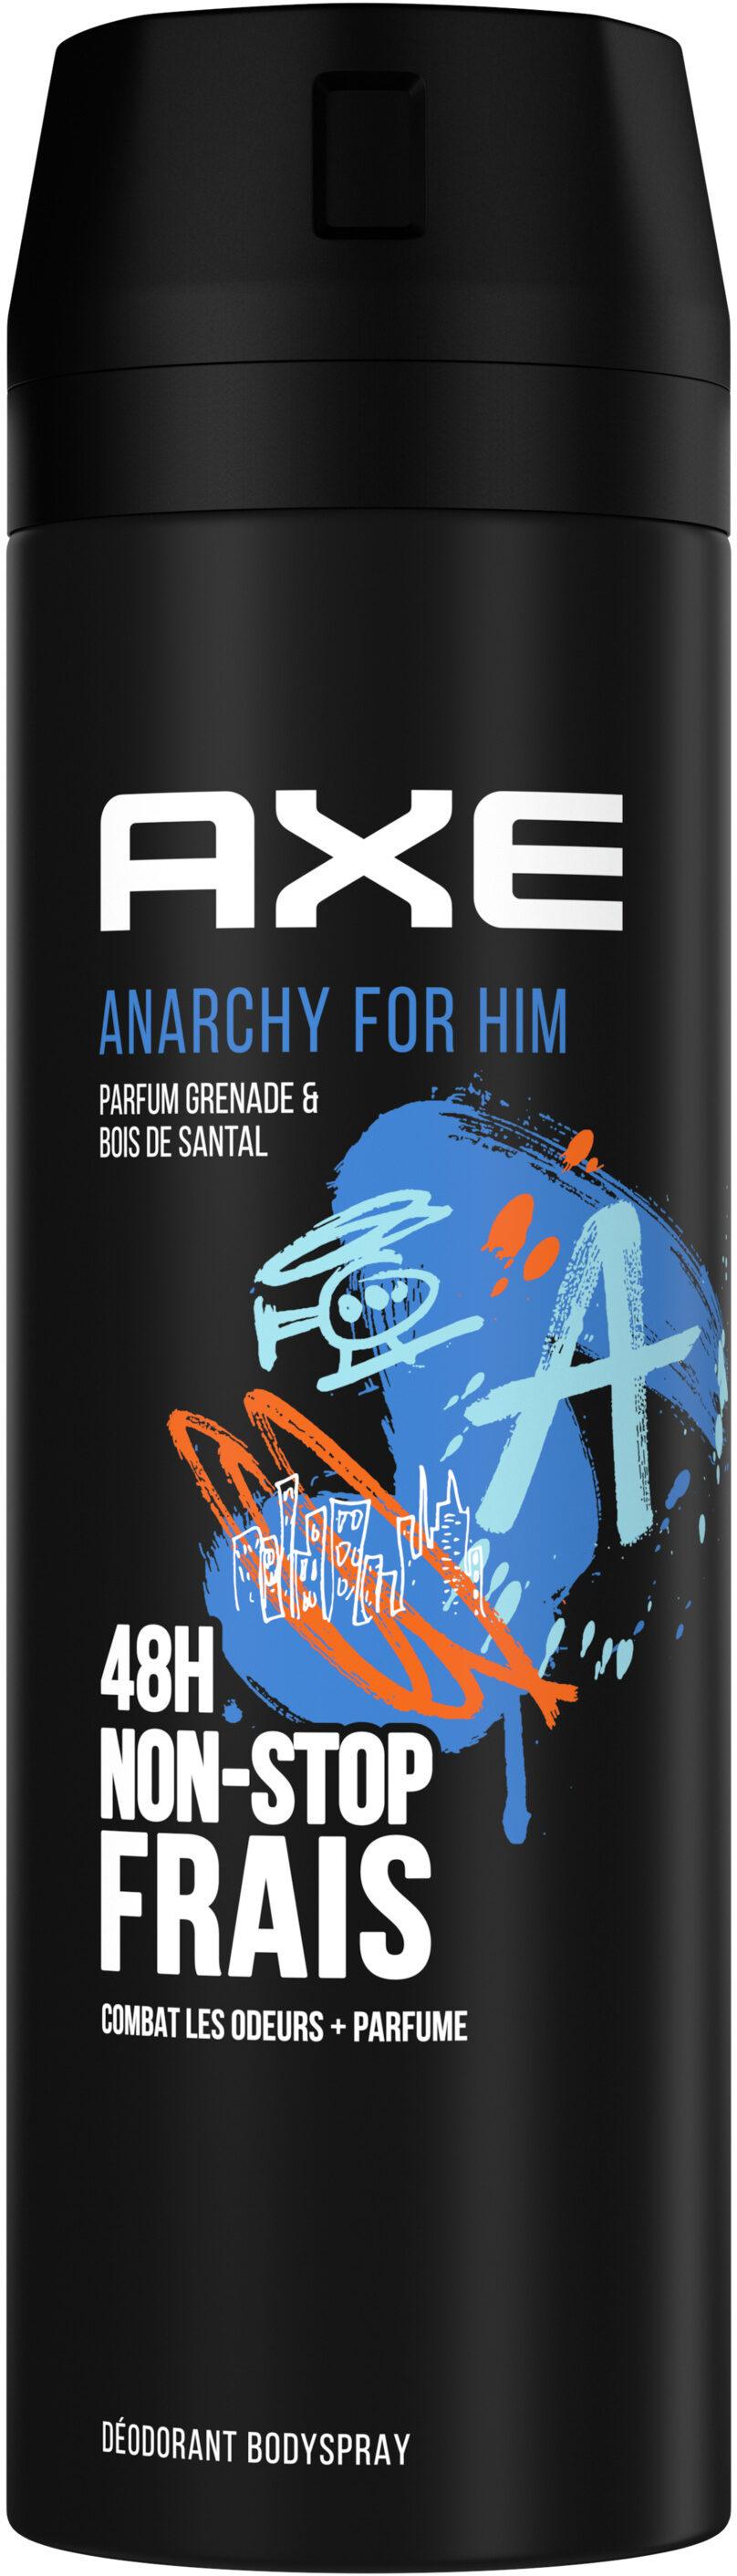 AXE Déodorant Homme Bodyspray Anarchy 48h Non-Stop Frais - Product - fr